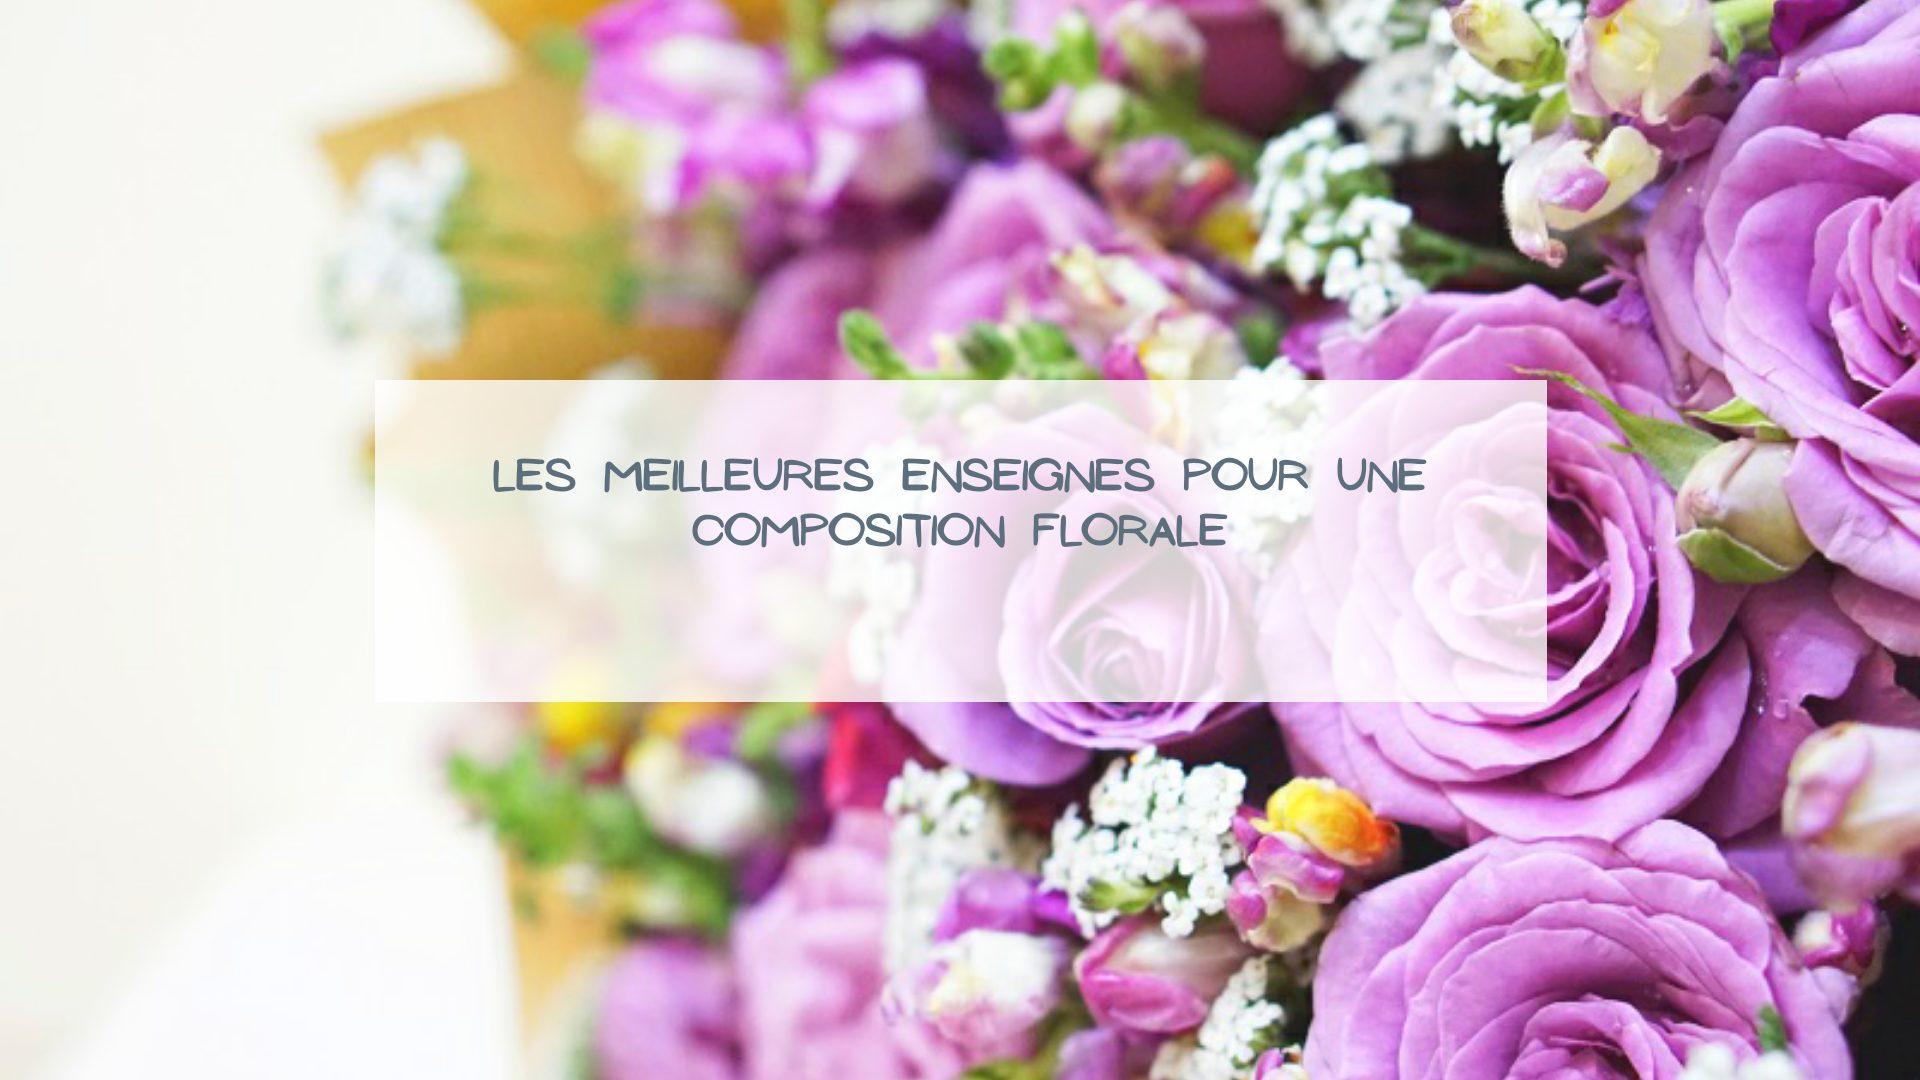 enseigne composition florale